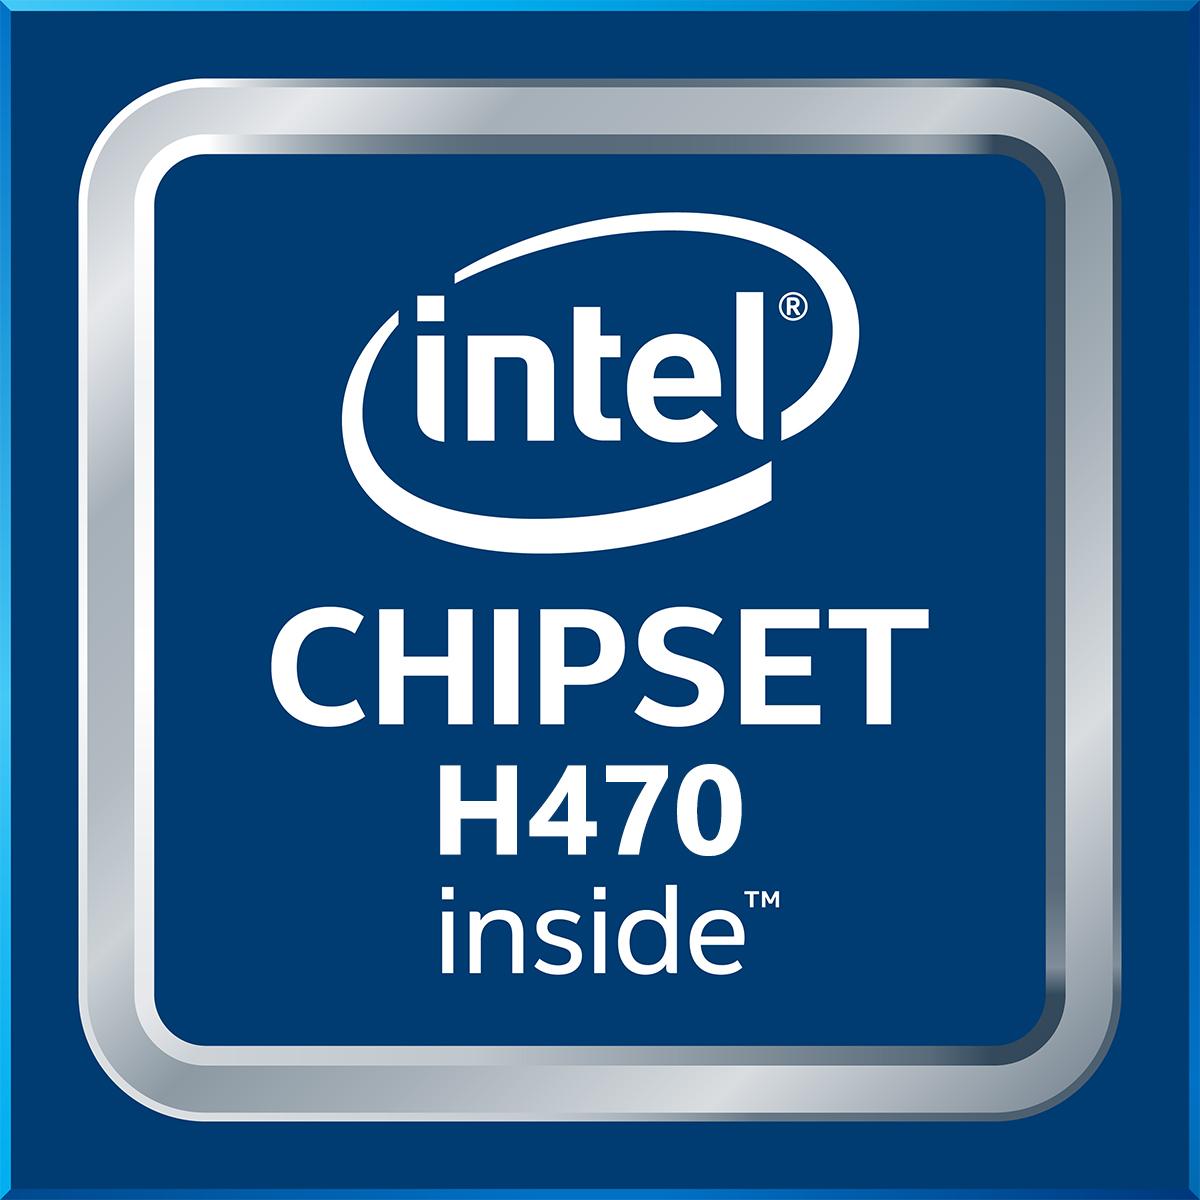 20180328 1 หลุดข้อมูลเมนบอร์ด H470 ของทางอินเทลรุ่นใหม่ล่าสุด Intel 400 series ที่ยังไม่เปิดตัว